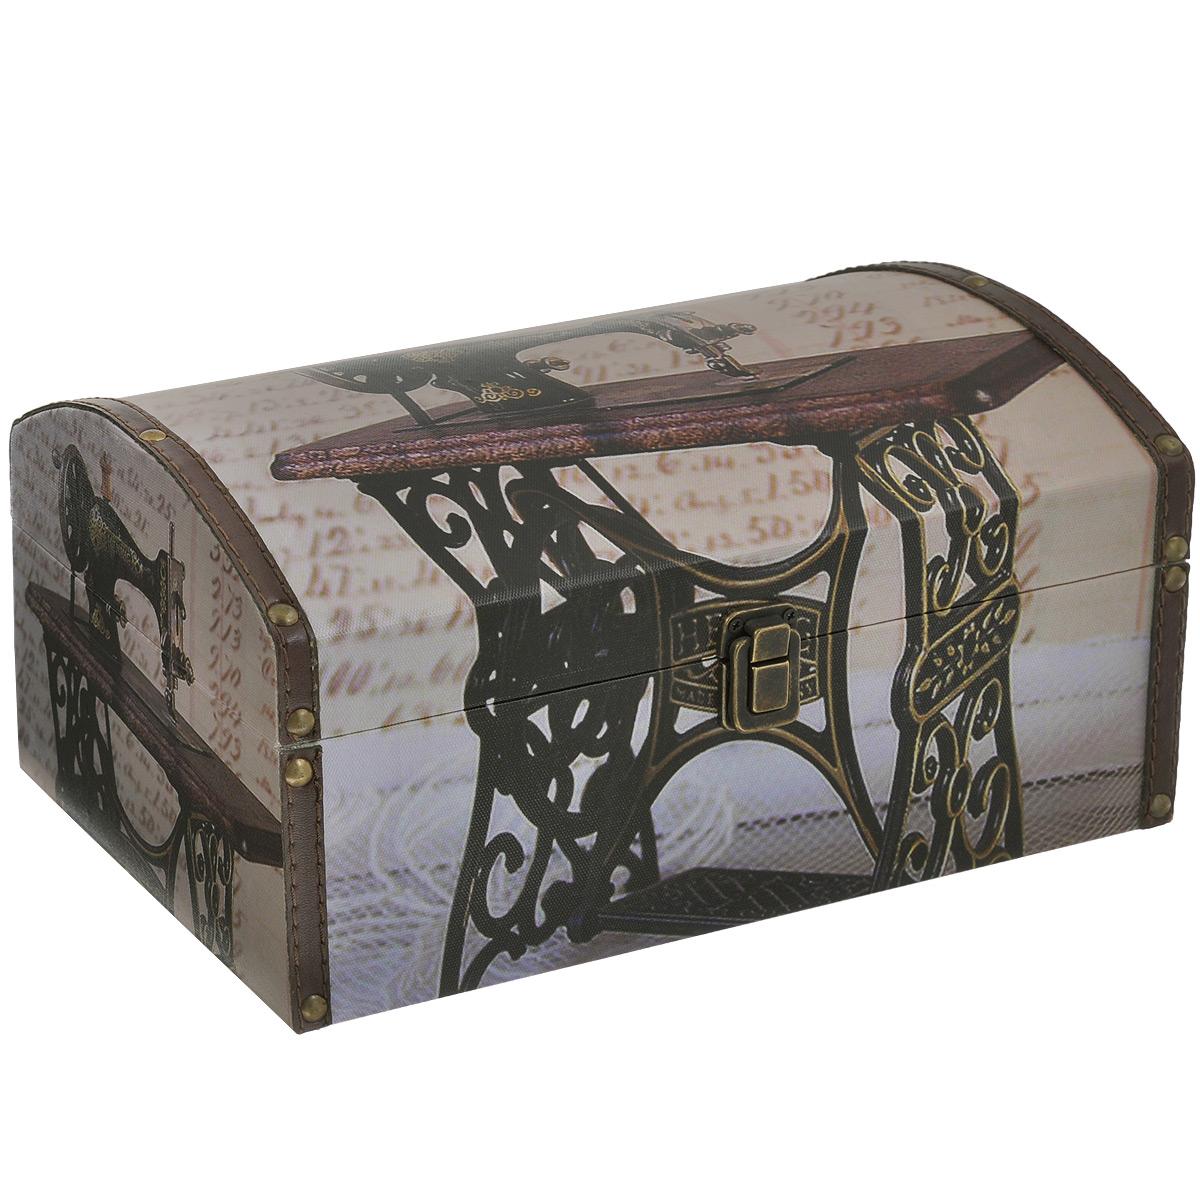 Шкатулка для рукоделия Швейная машинка, цвет: коричневый, бежевыйTL4029LR4Шкатулка Швейная машинка изготовлена из МДФ, картона и холщовой ткани и оснащена крышкой. Изделие декорировано изображением швейной машинки. Крышка закрывается на металлический замочек-защелку. Внутри шкатулка обтянута тканью коричневого цвета. Изящная шкатулка с ярким дизайном предназначена для хранения мелочей, принадлежностей для шитья и творчества и других аксессуаров. Она красиво оформит интерьер комнаты и поможет хранить ваши вещи в порядке.